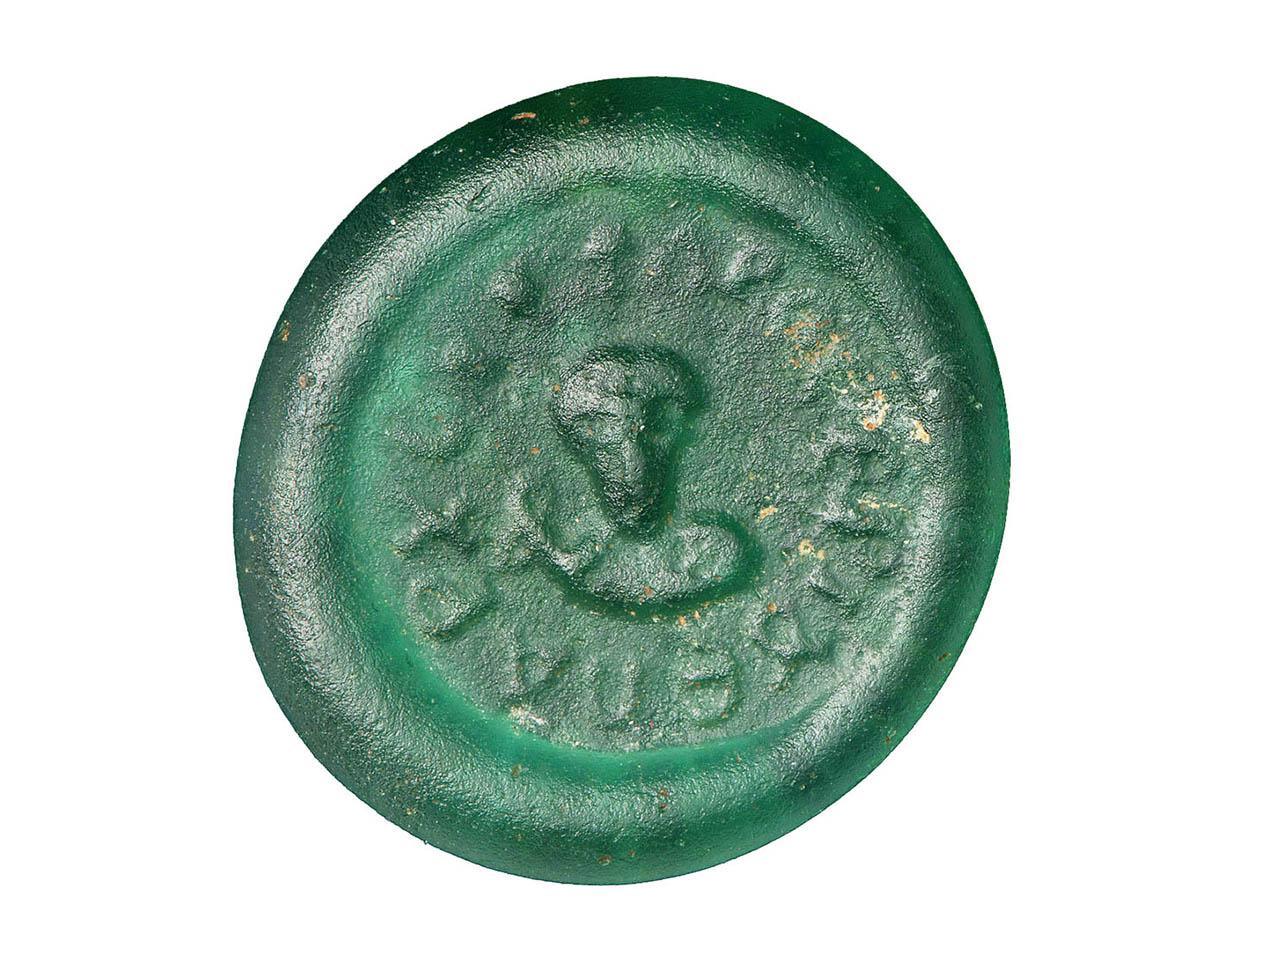 flat, green glass disc